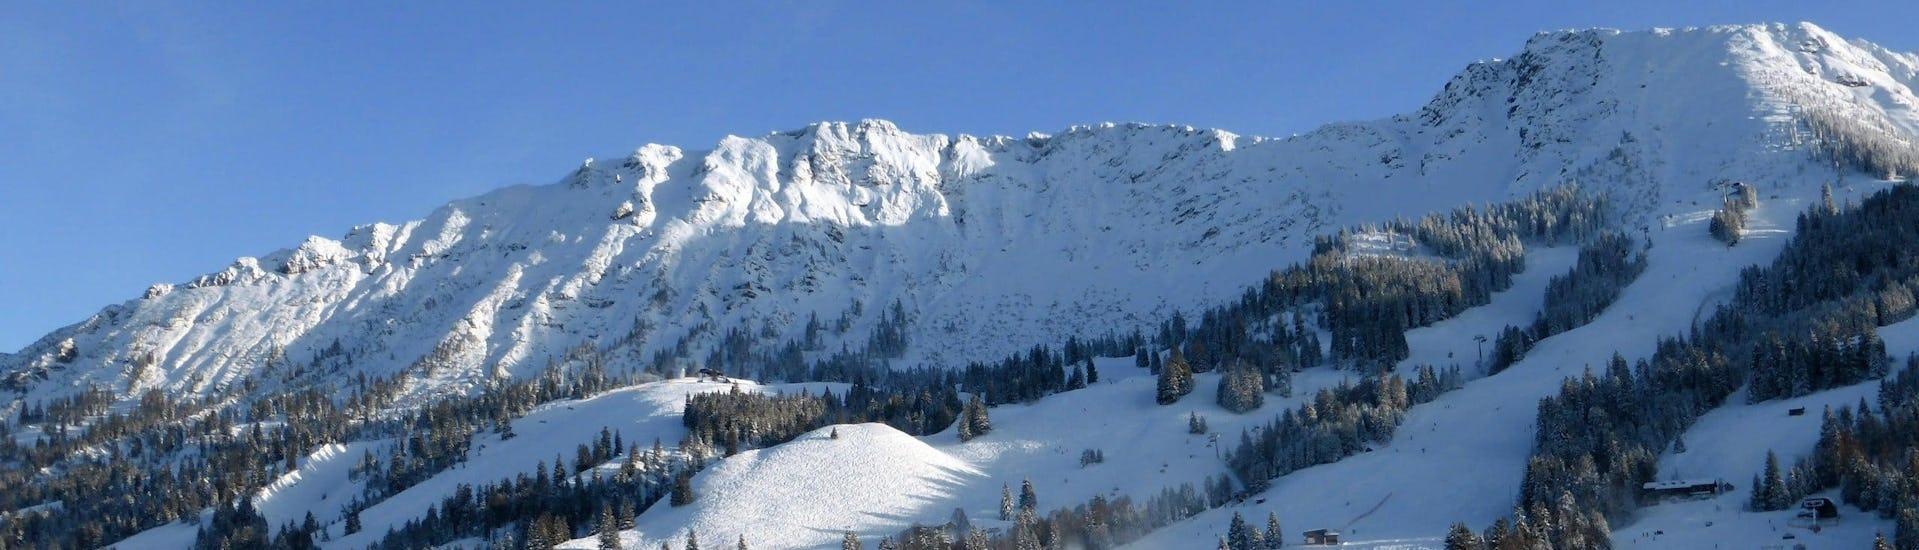 Ausblick auf die sonnige Berglandschaft beim Skifahren lernen mit den Skischulen in Oberjoch.